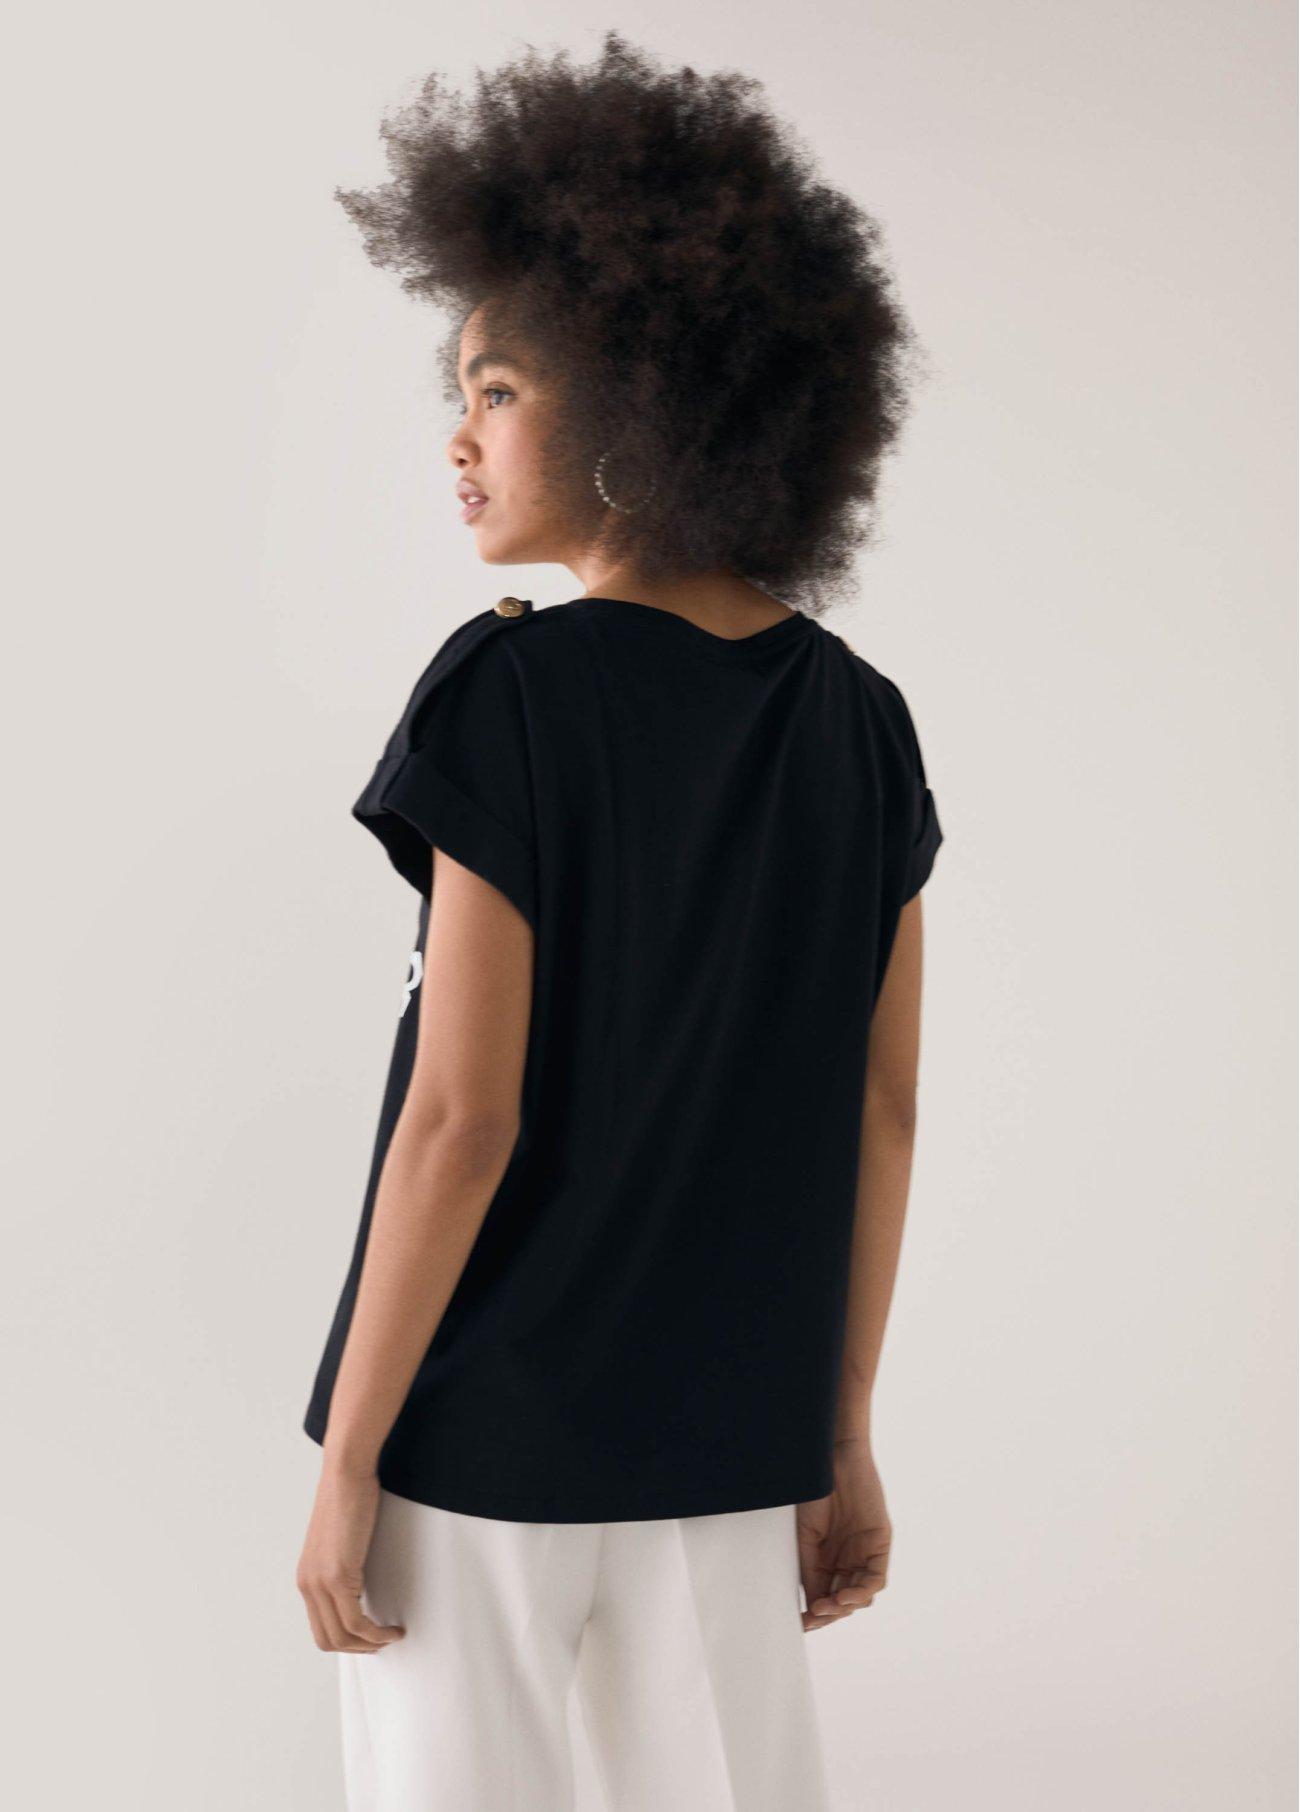 Camiseta logomanía, negro 2